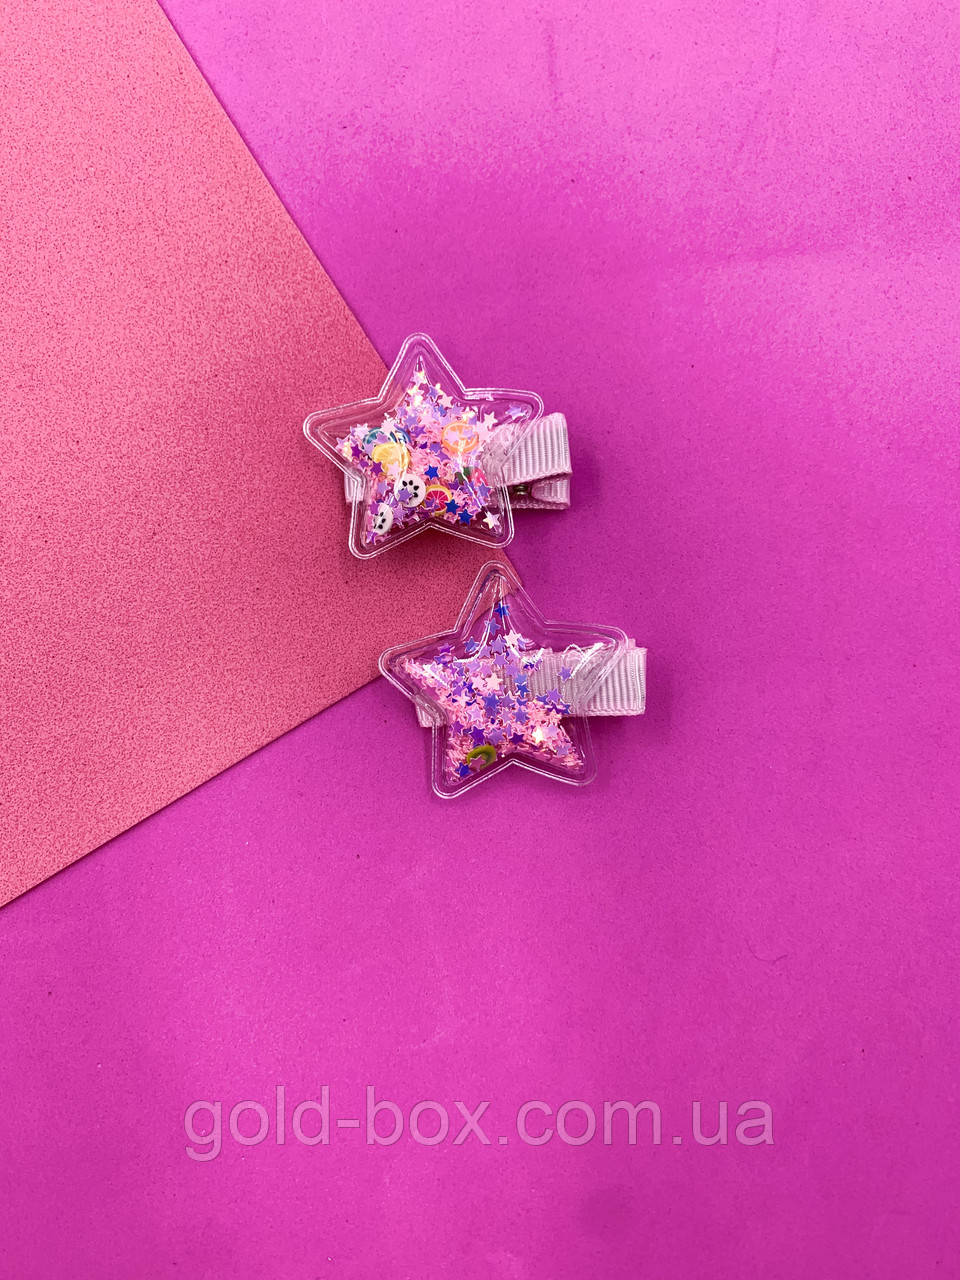 Детские заколки-крокодильчики 2 шт.для волос 4,5см со звёздочкой нежно розовая